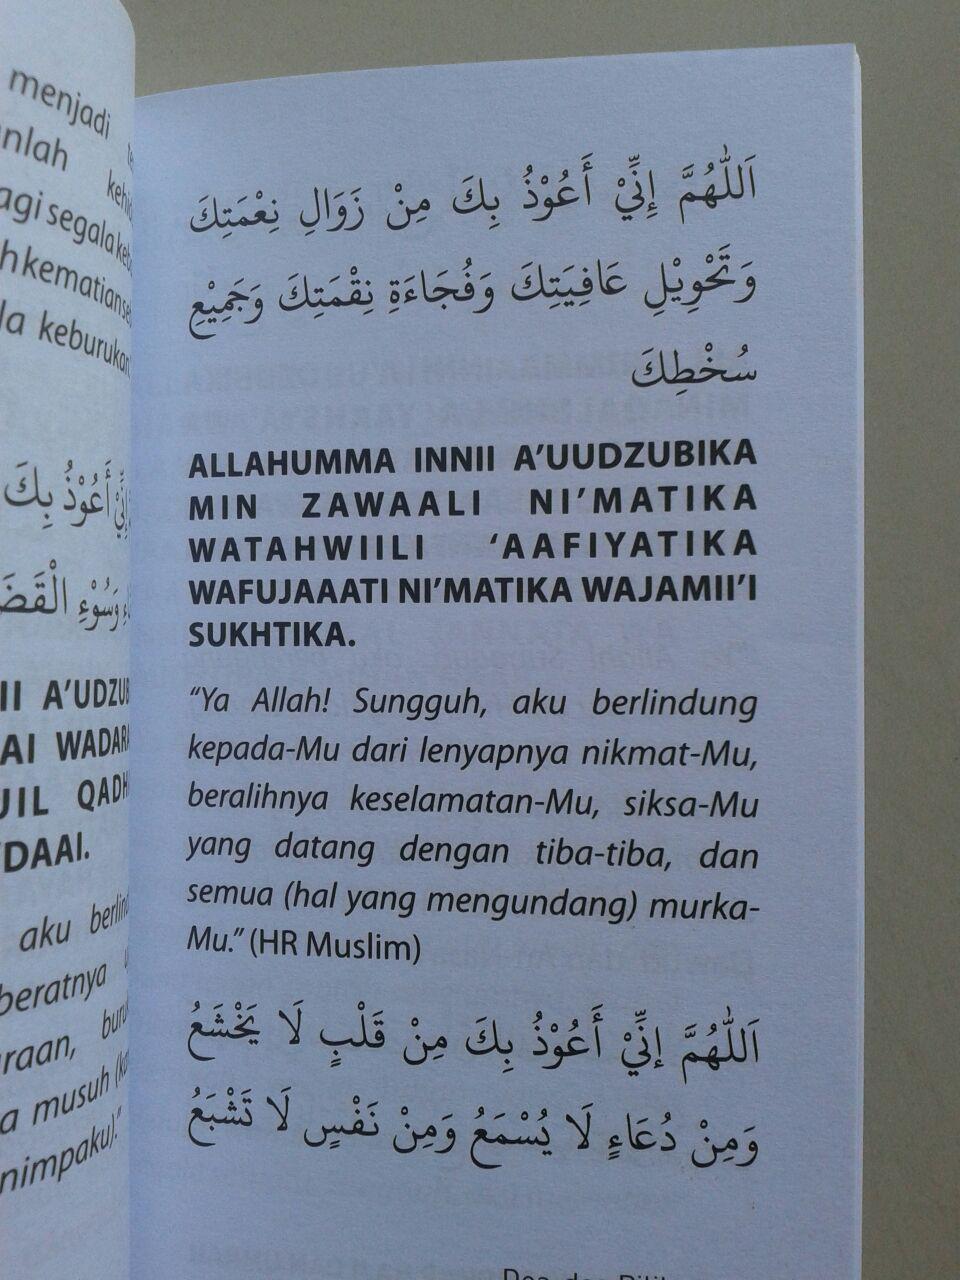 Buku Saku Panduan lengkap Haji & Umrah Sesuai Sunnah isi 2